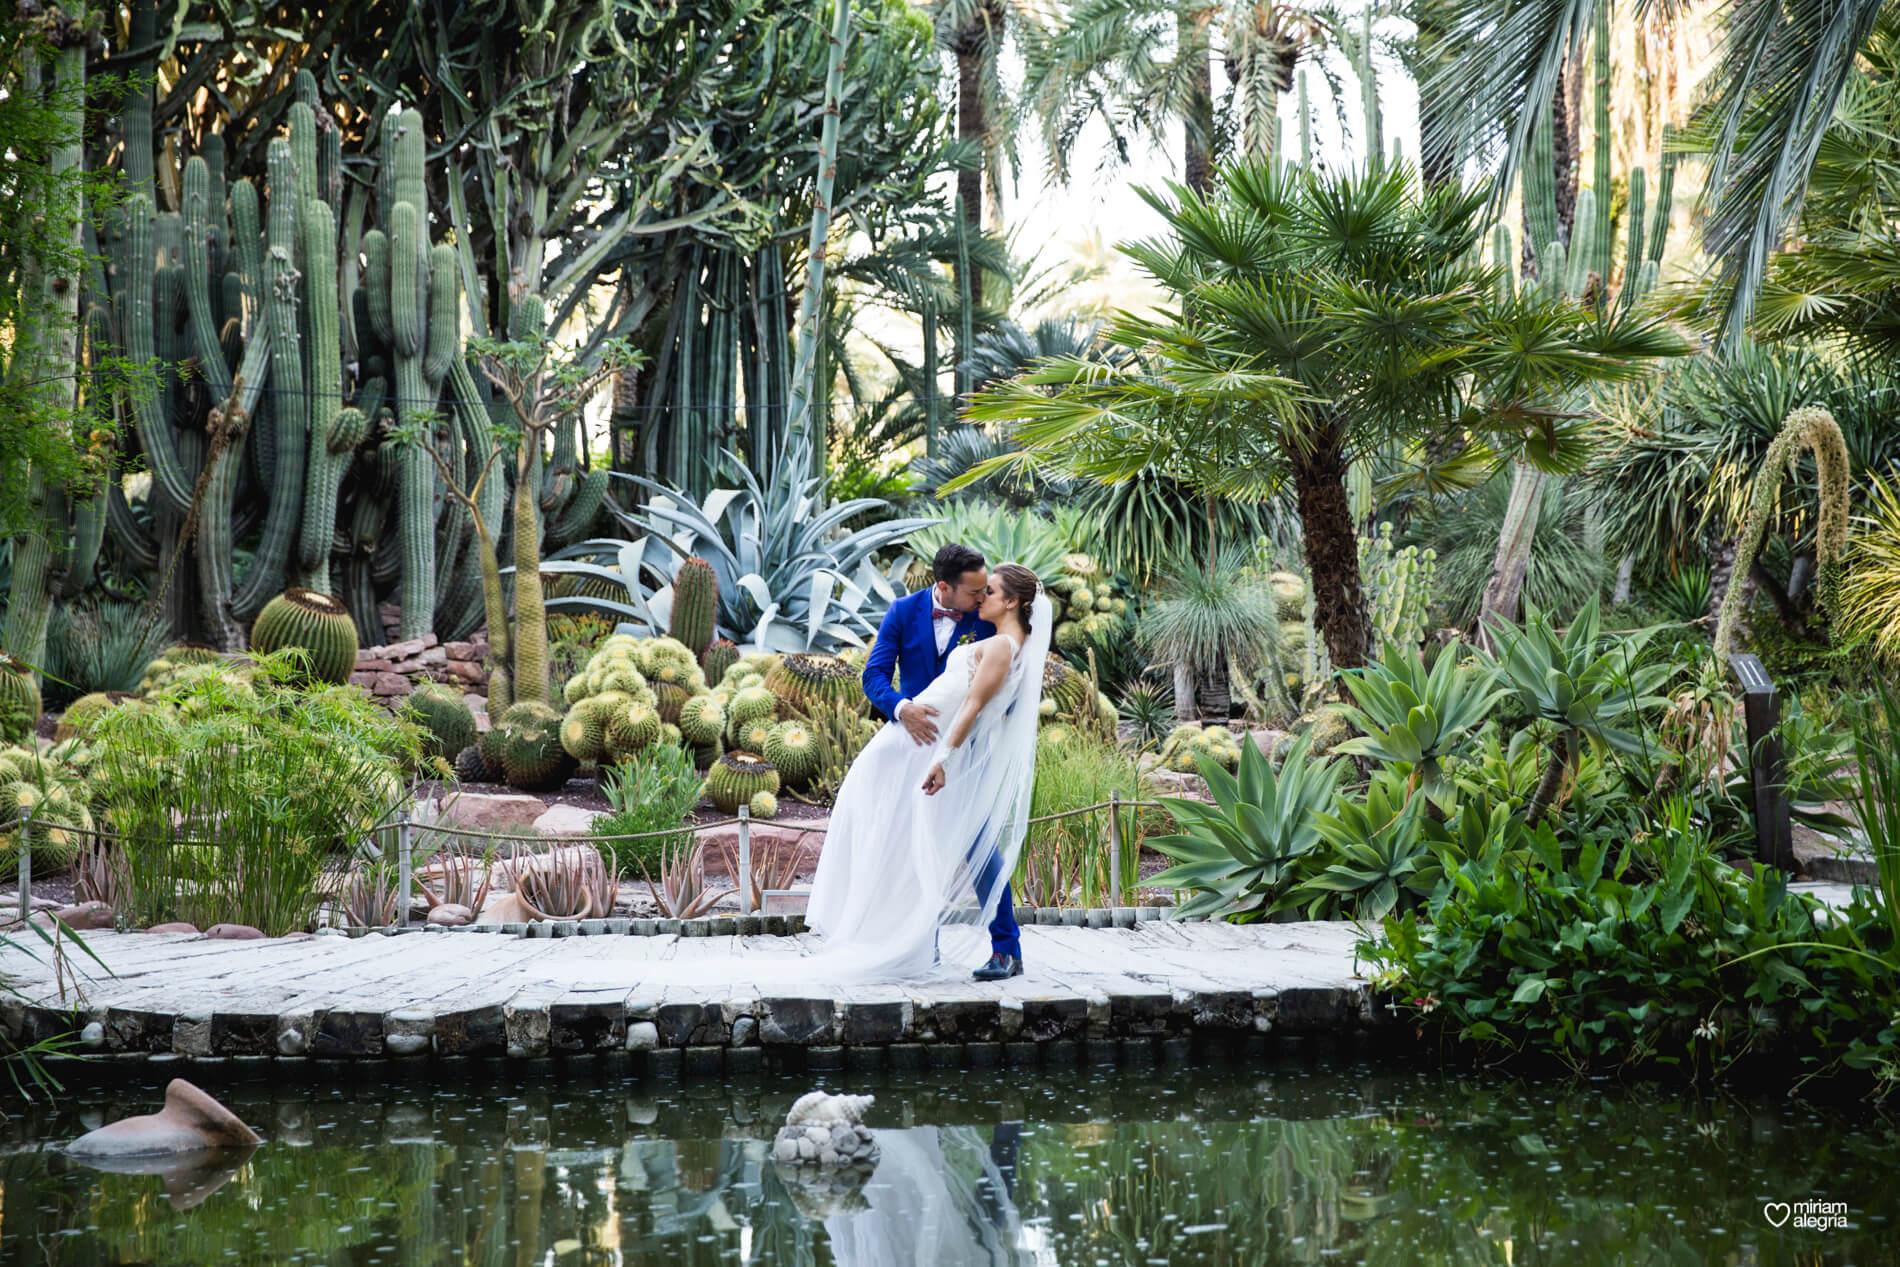 wedding-huerto-del-cura-elche-miriam-alegria-fotografos-boda-28